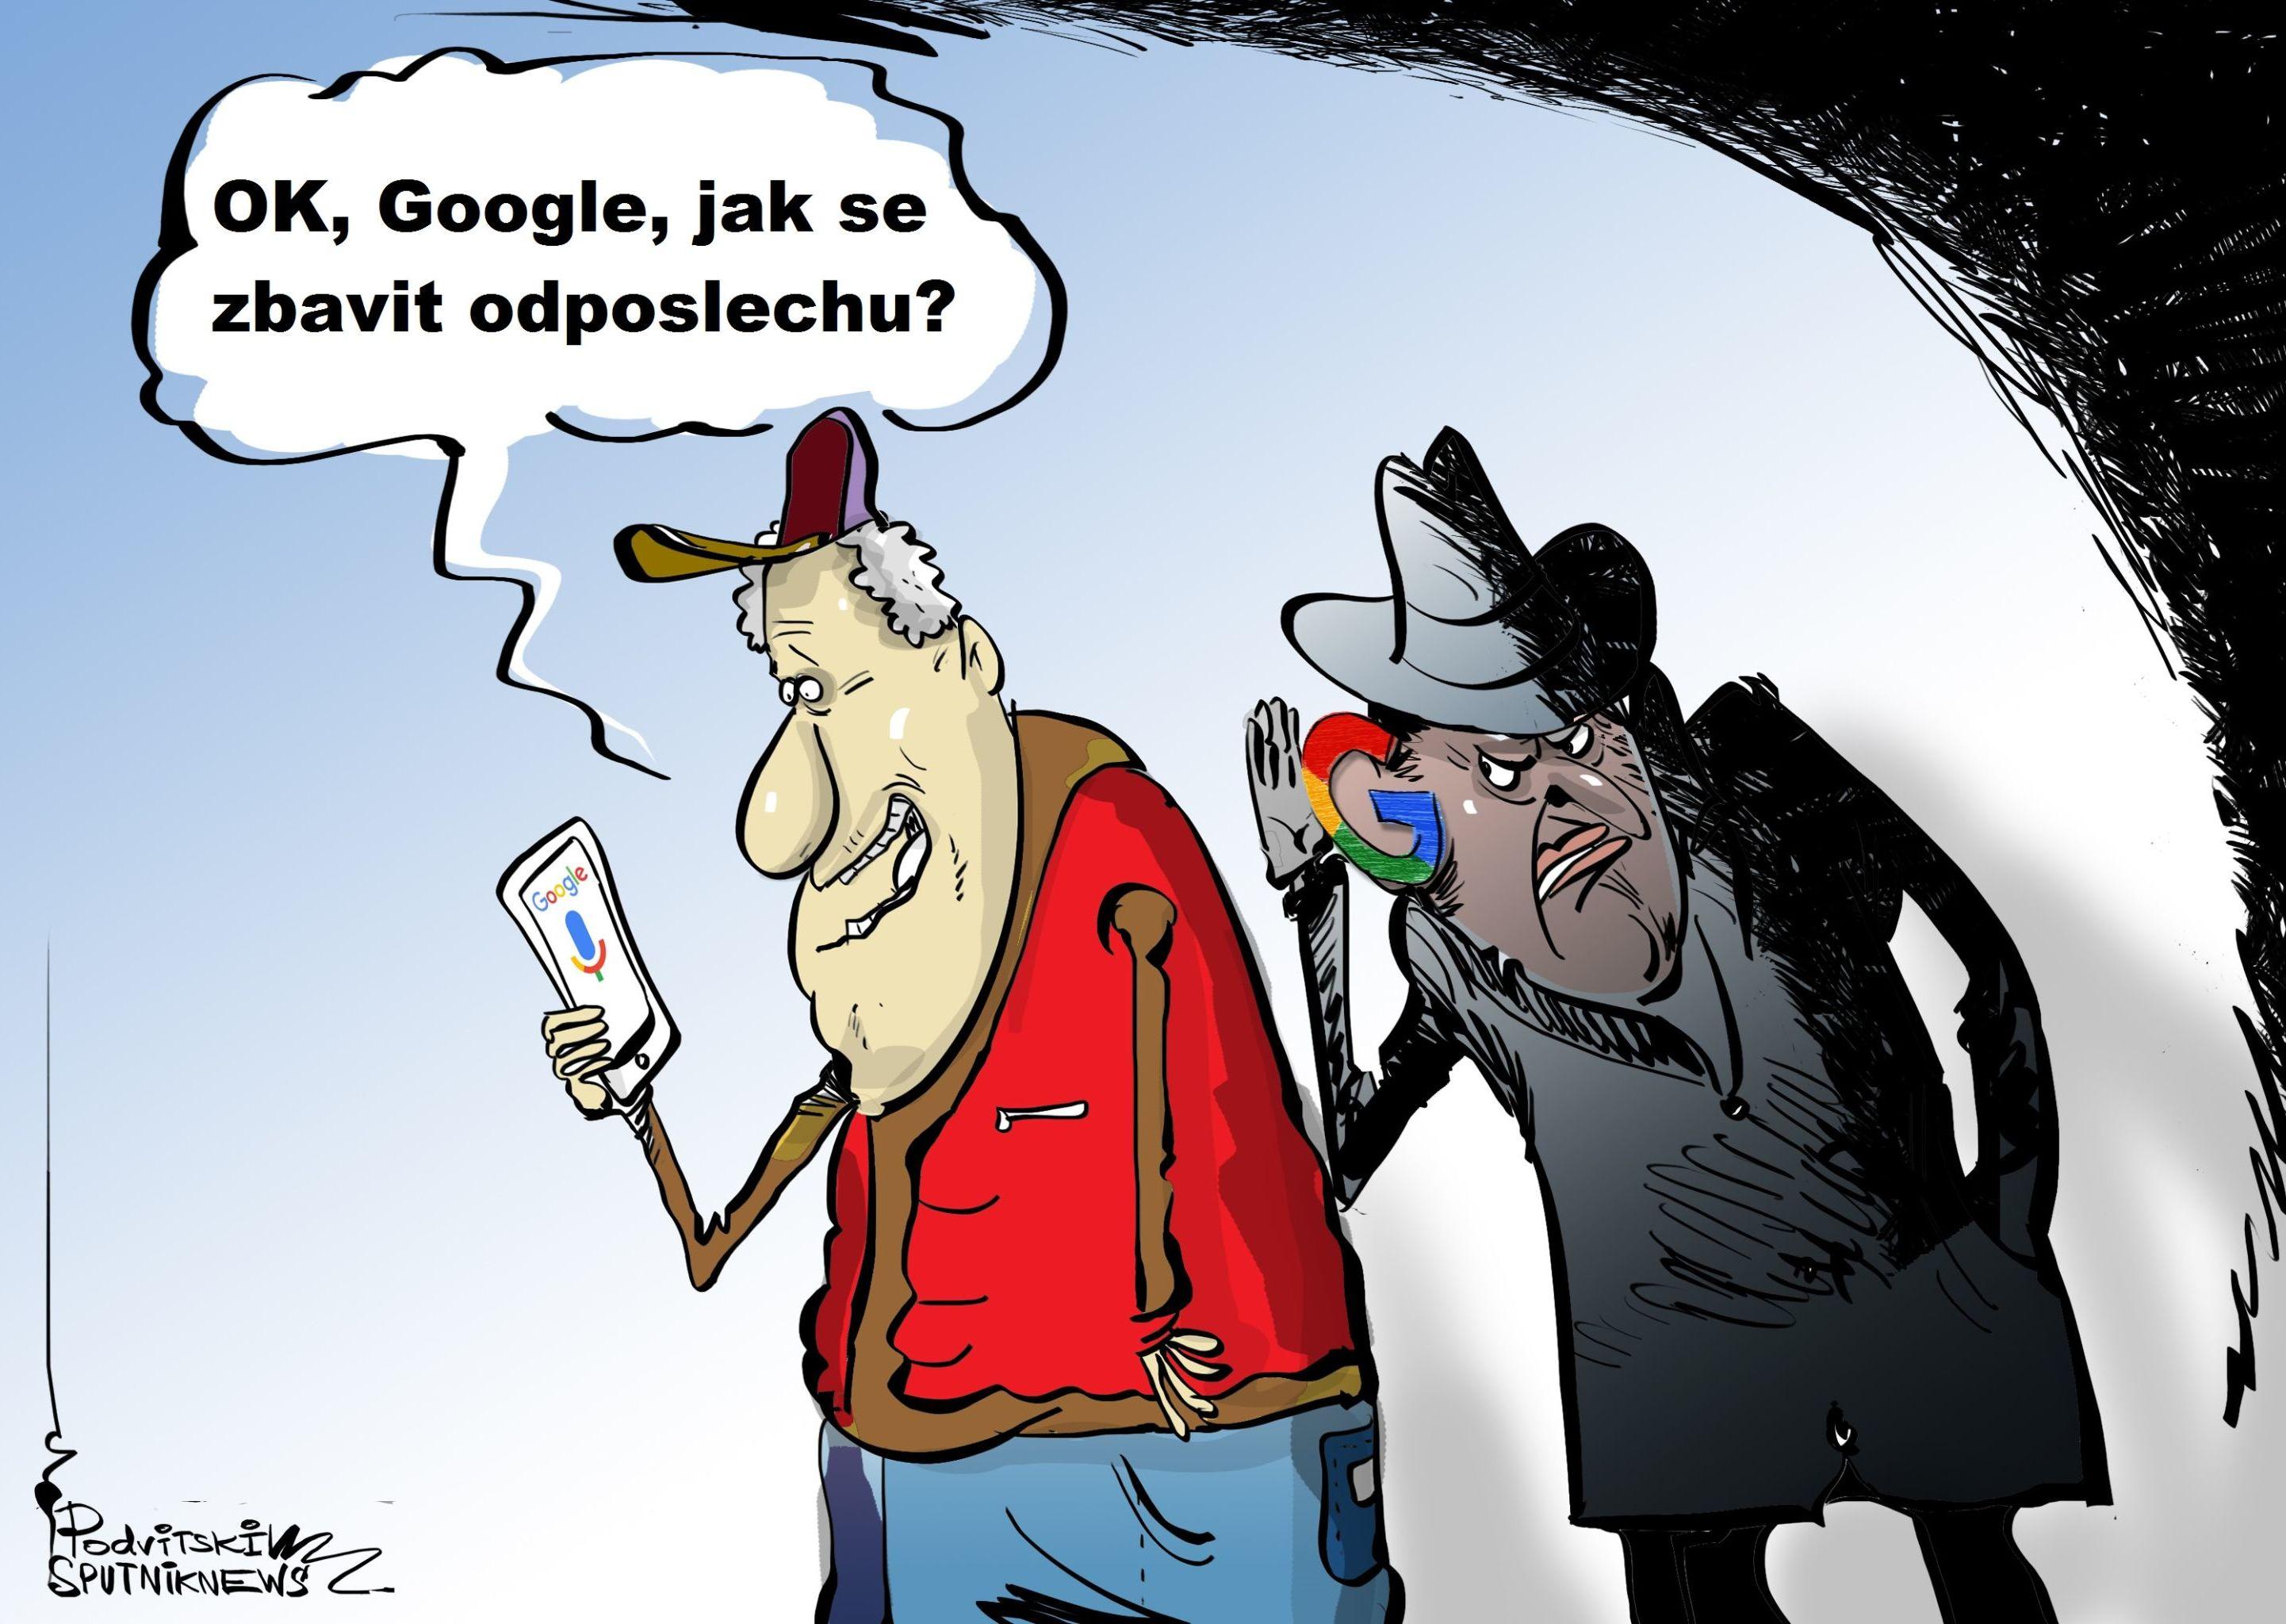 OK, Google, jak se zbavit odposlechu?